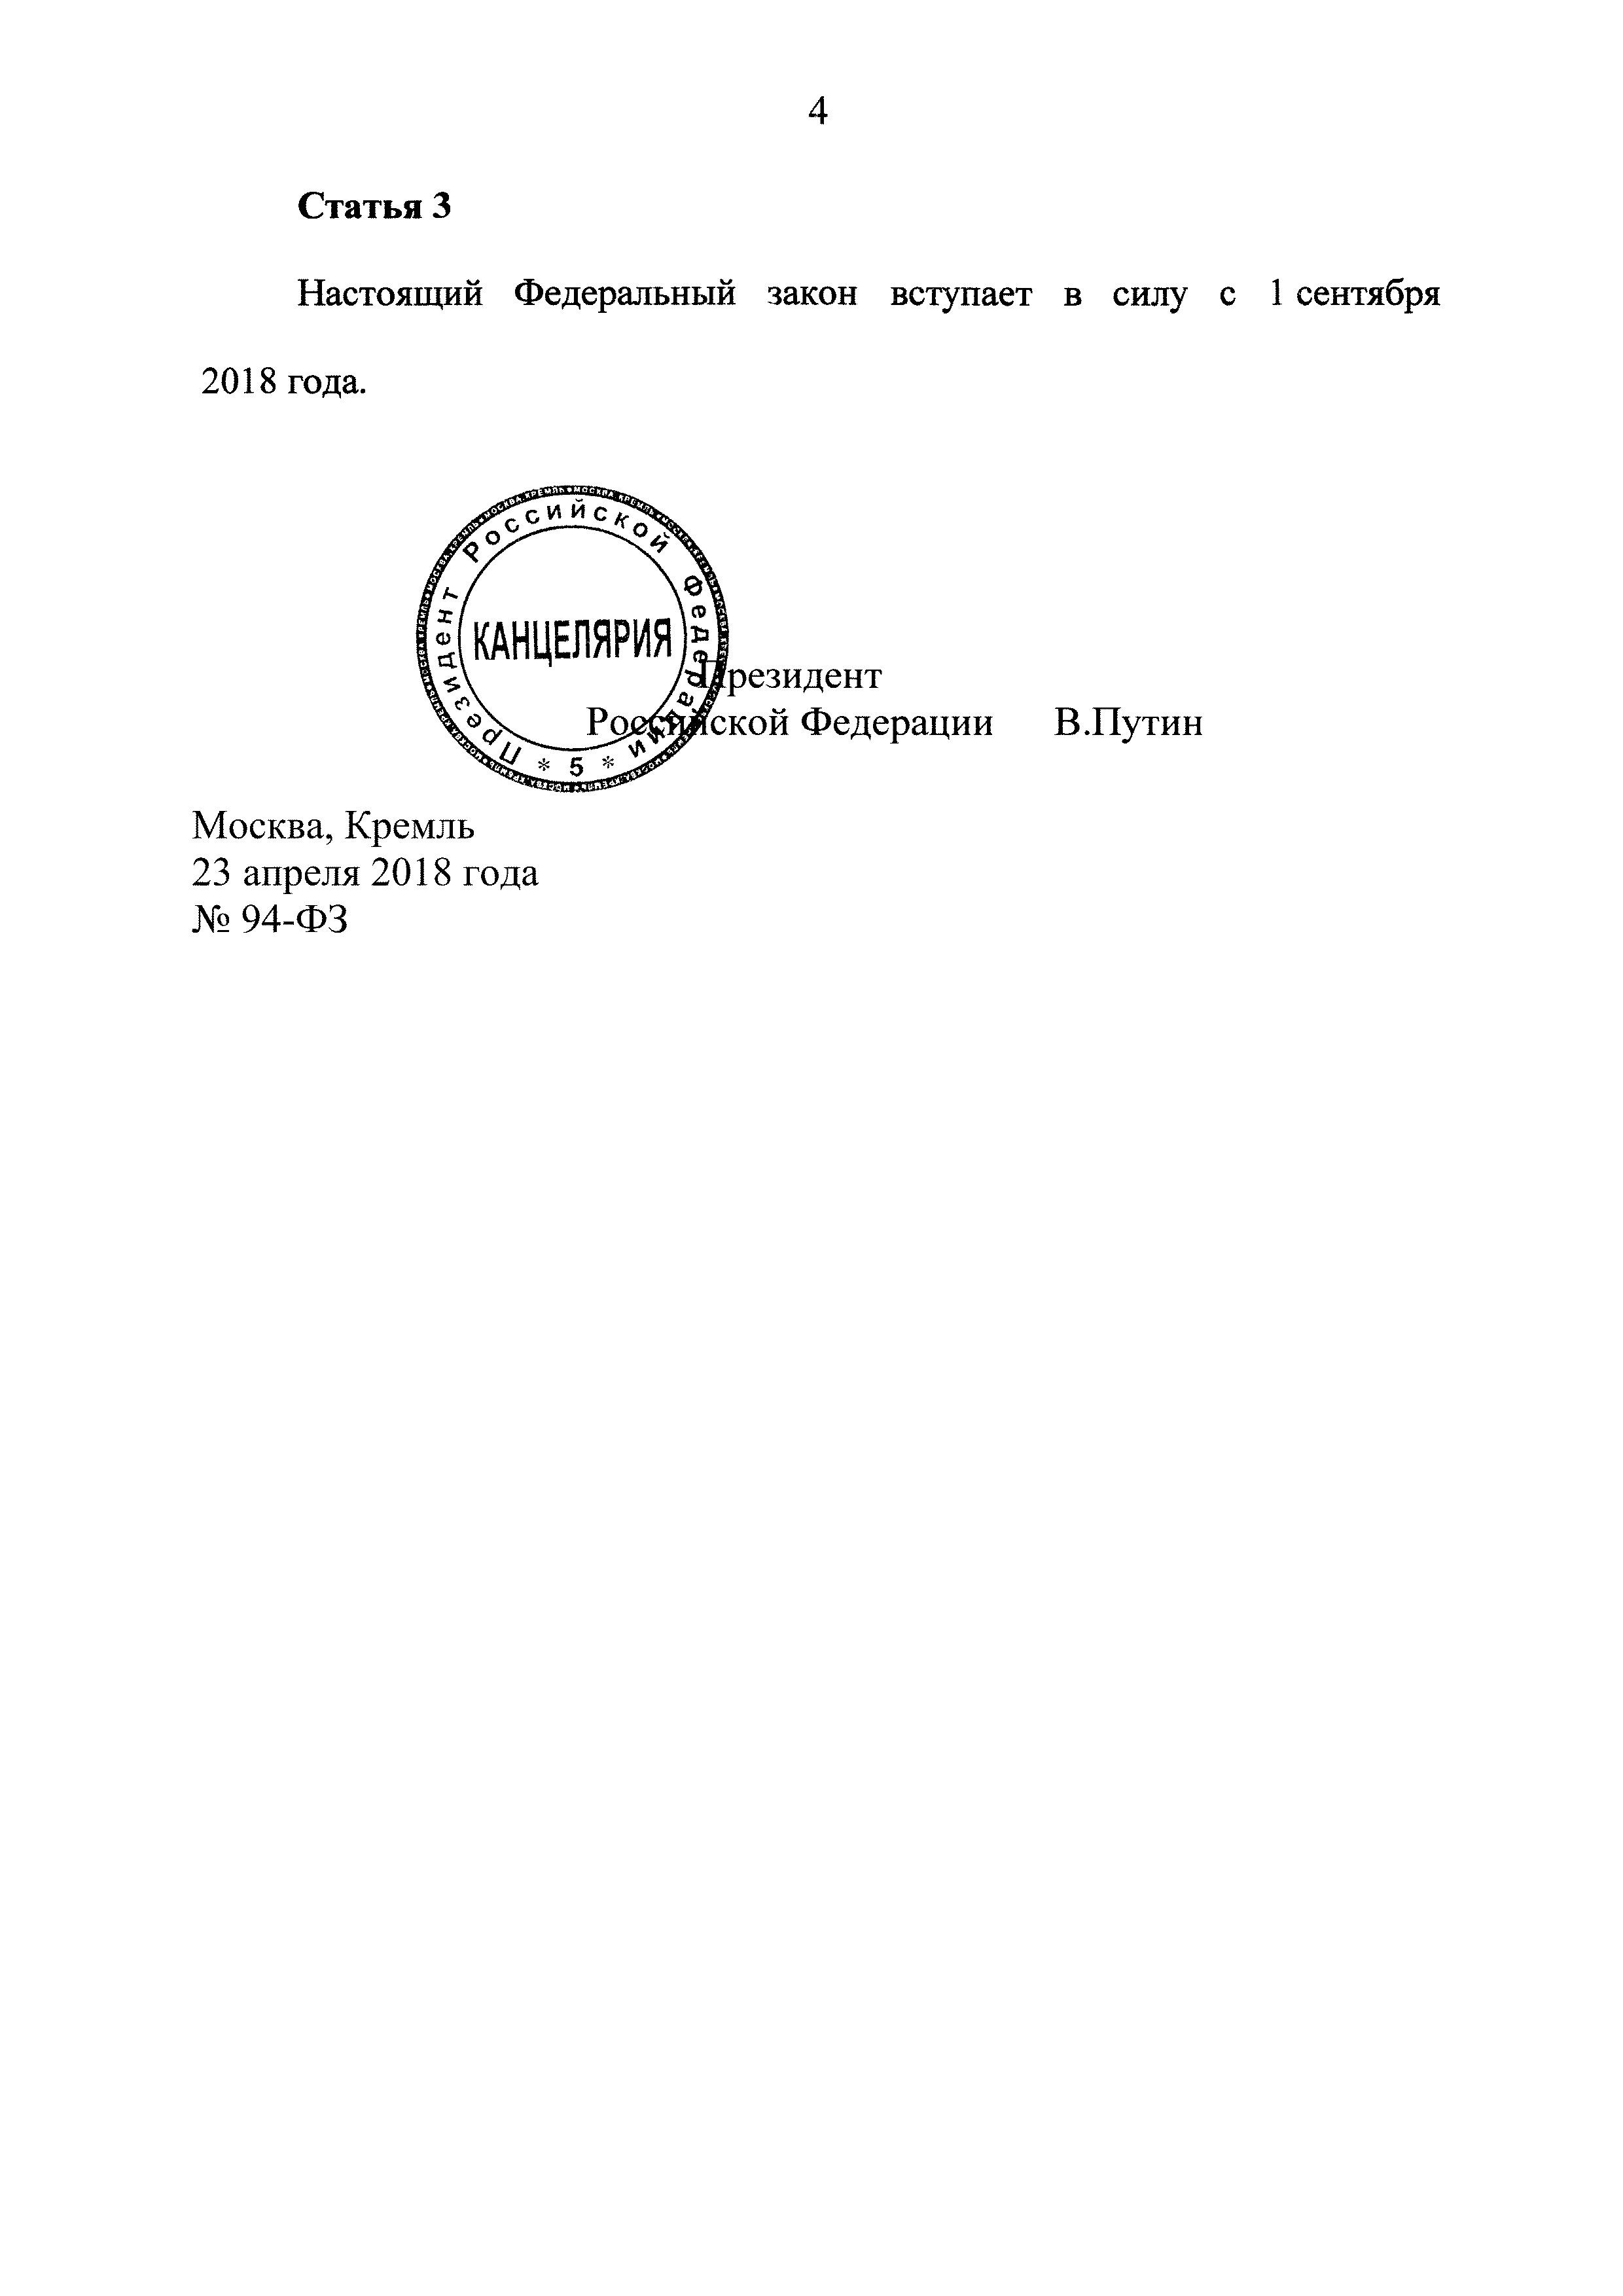 Президент подписал Федеральный закон «О внесении изменений в Федеральный закон «О защите прав юридических лиц и индивидуальных предпринимателей при осуществлении государственного контроля (надзора) и муниципального контроля»